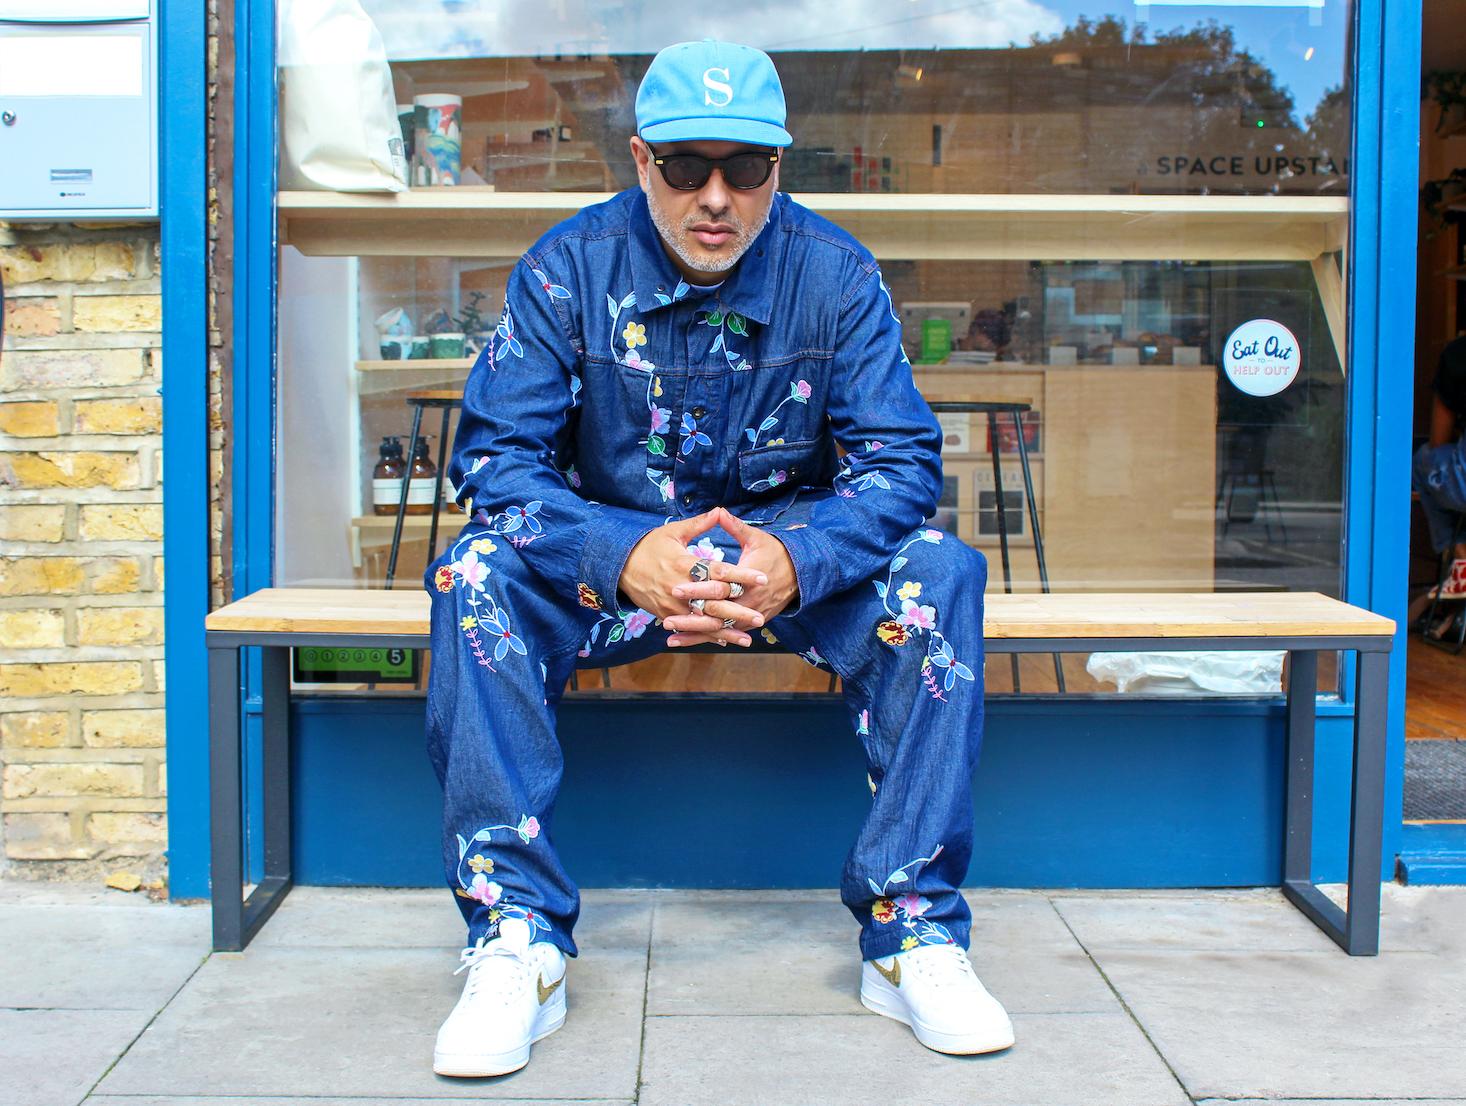 'Sneaker Connoisseur' Kish Kash